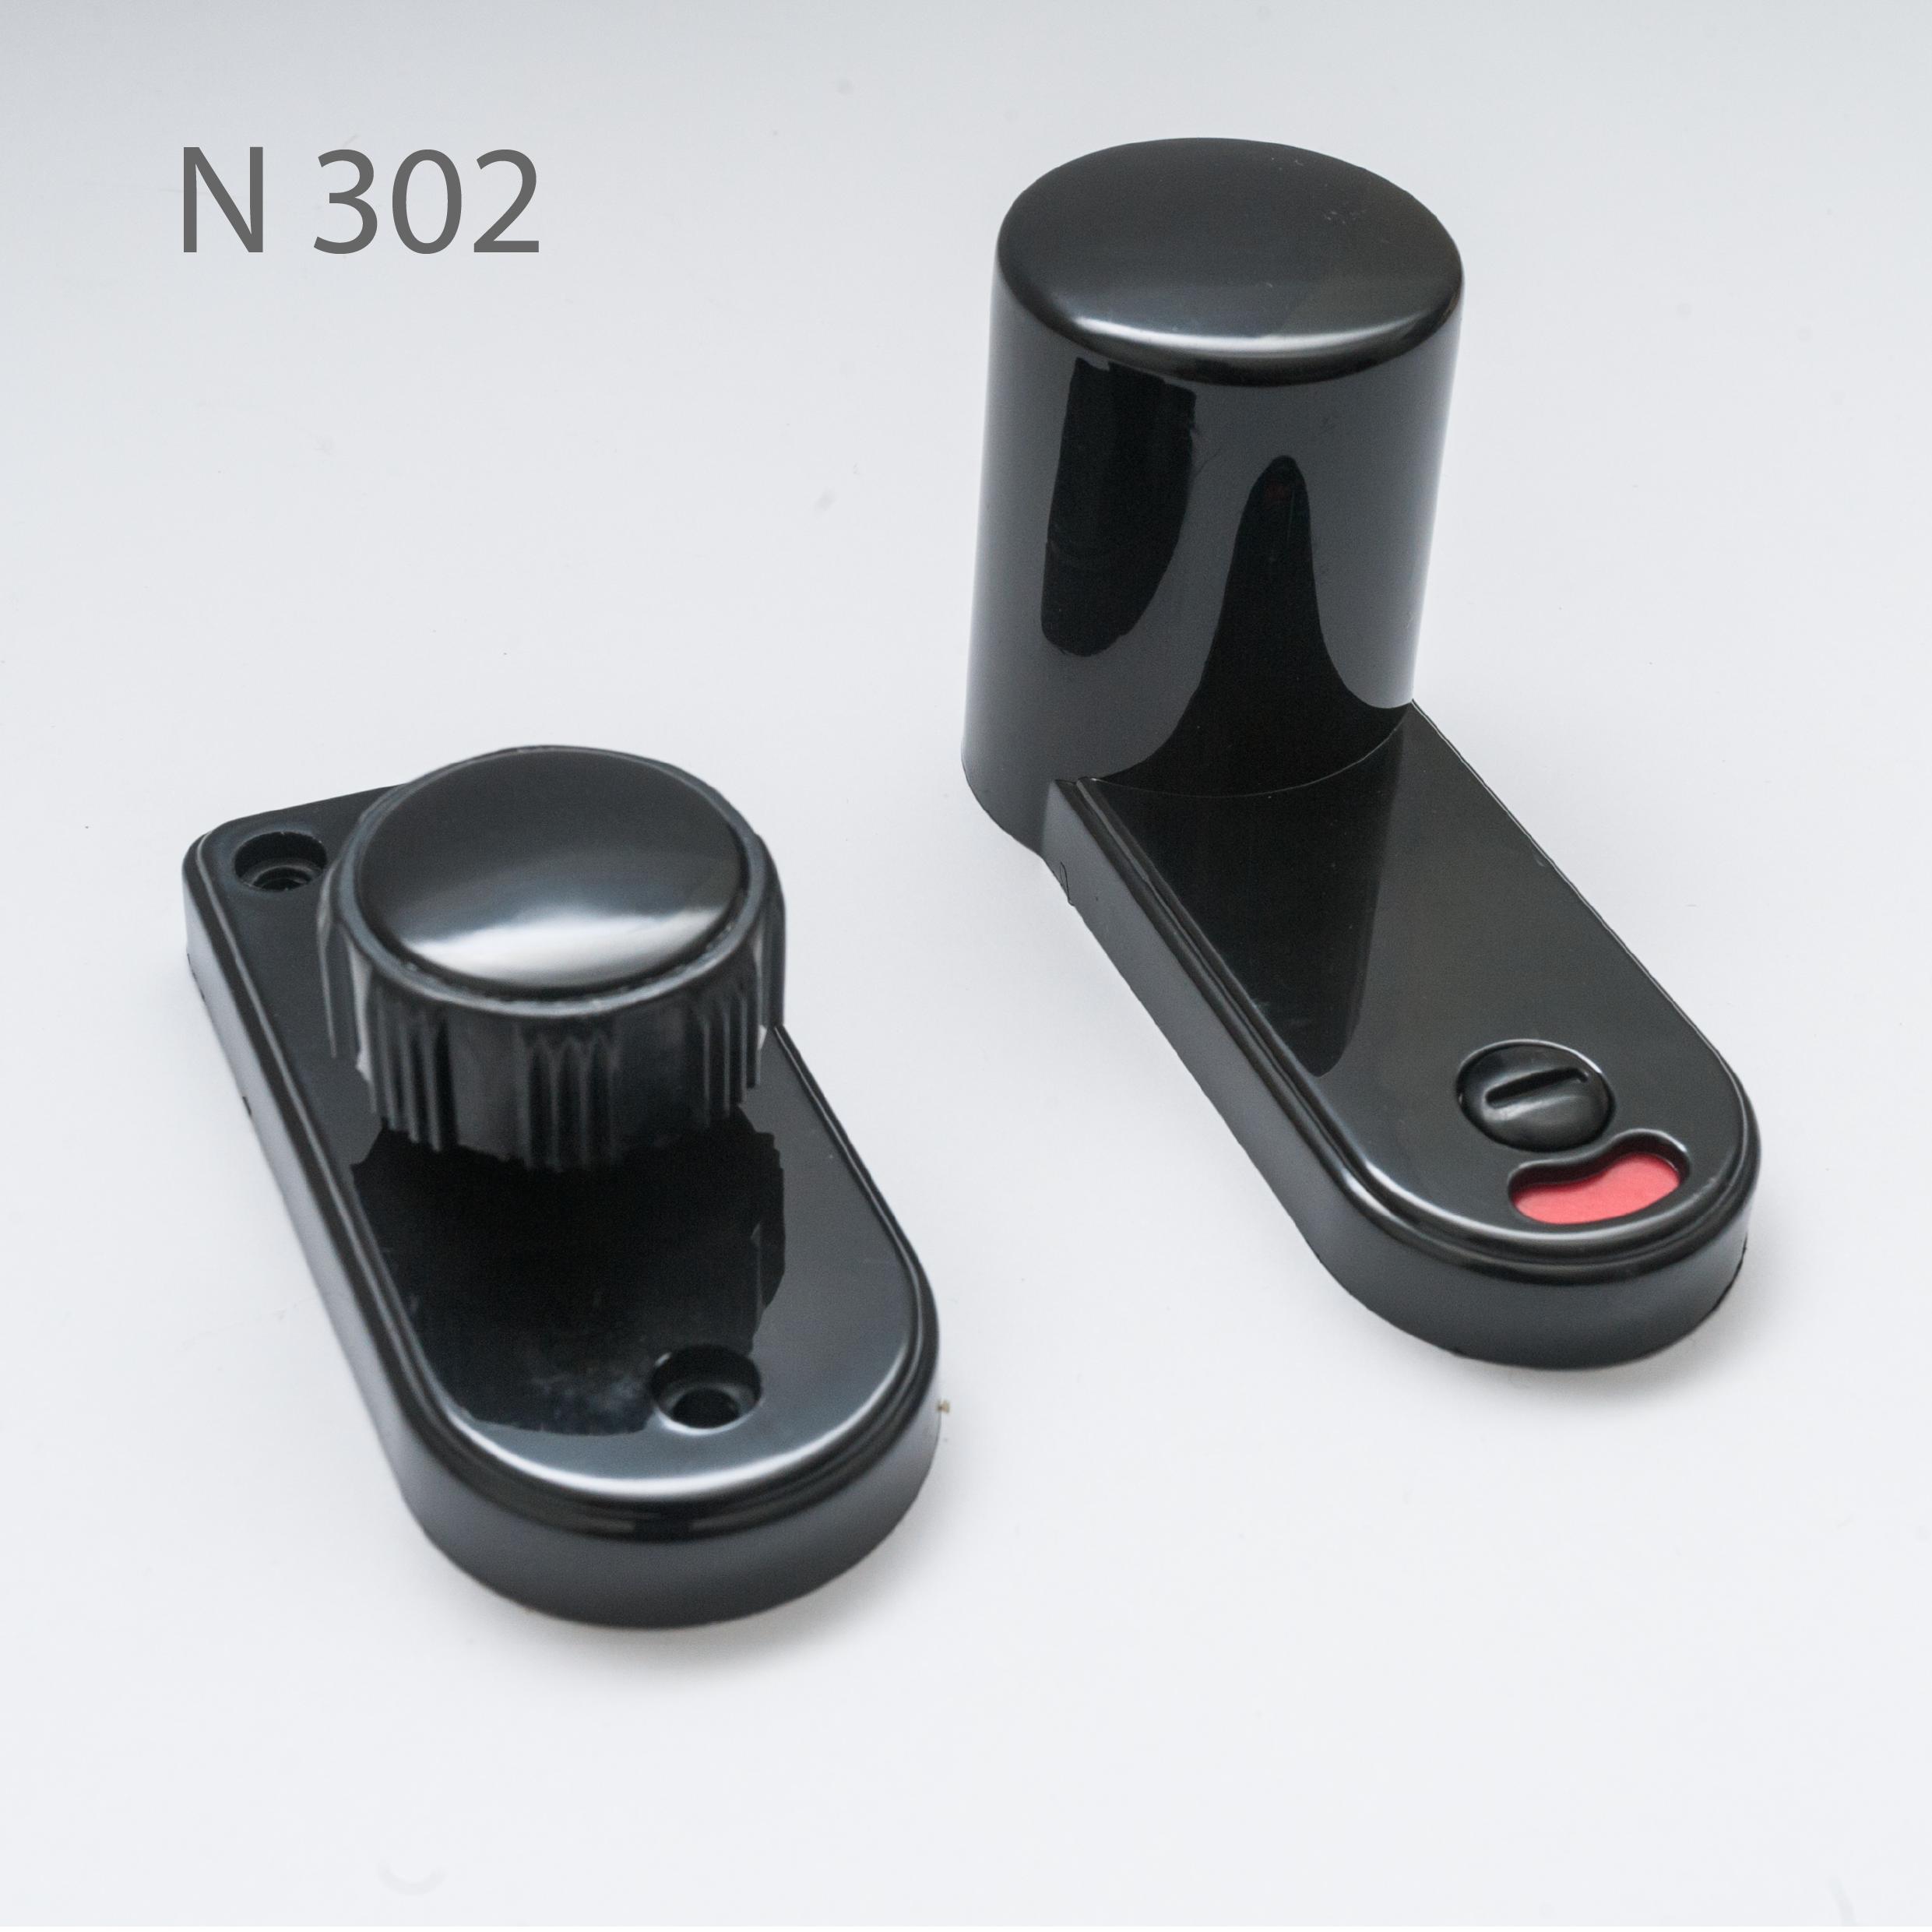 NYLON-01